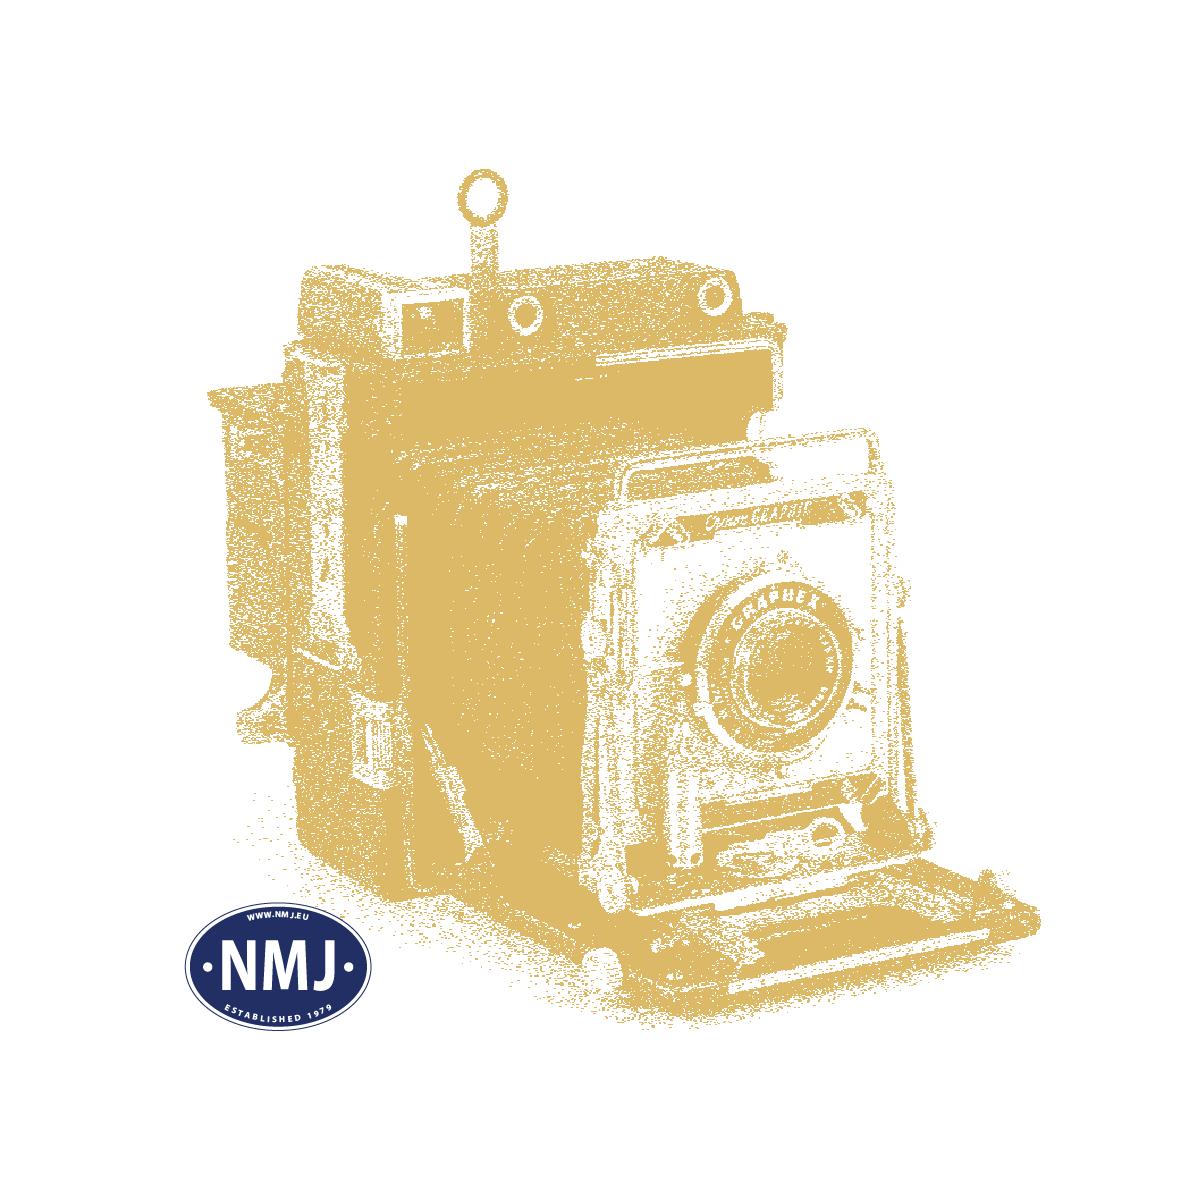 NMJT502.303 - NMJ Topline NSB Stakevogn Kbps 21 76 335 3 741-0 m/trelast